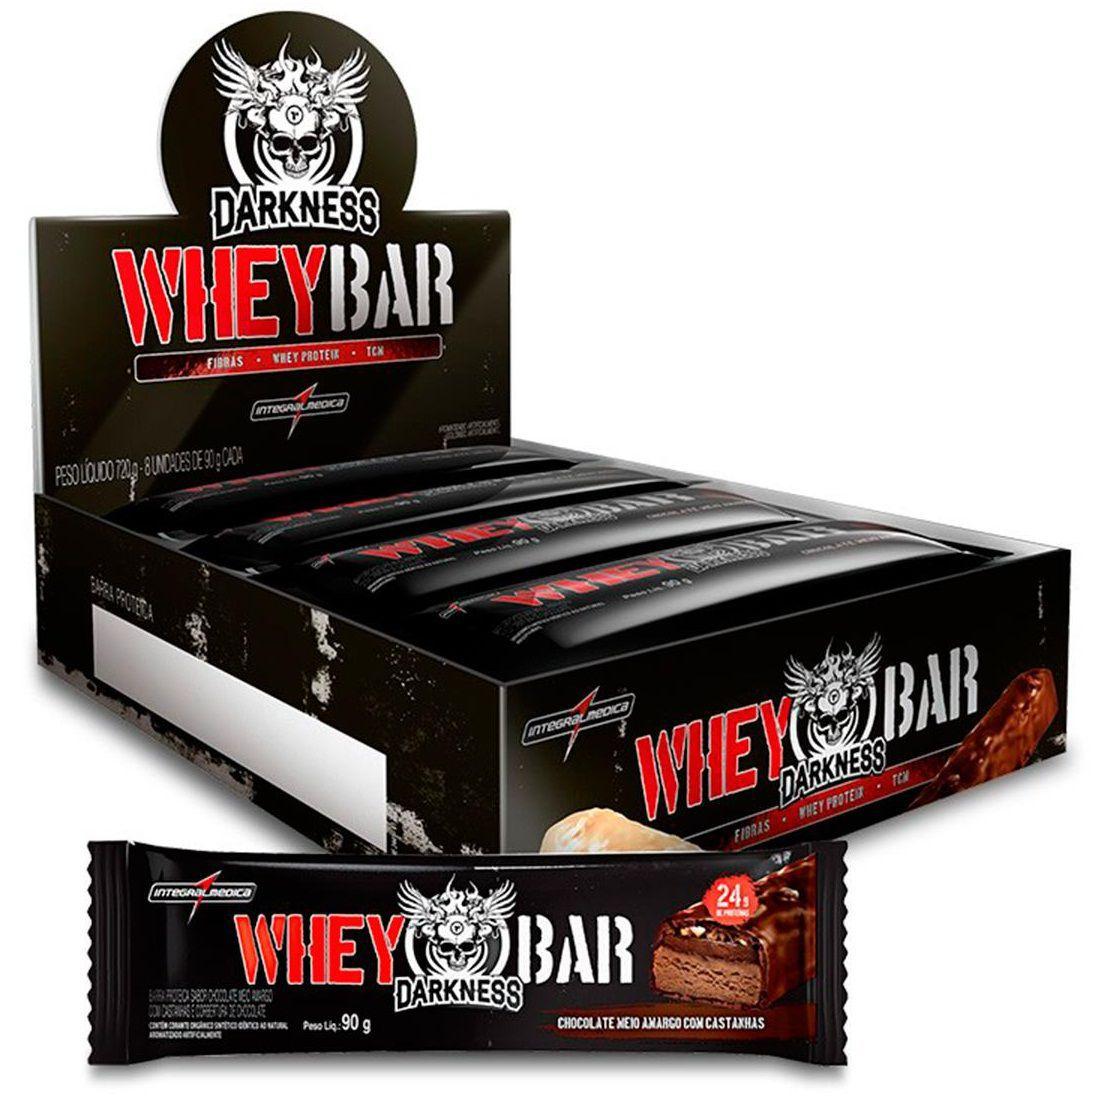 Whey Dark Bar Darkness (90g) - IntegralMédica